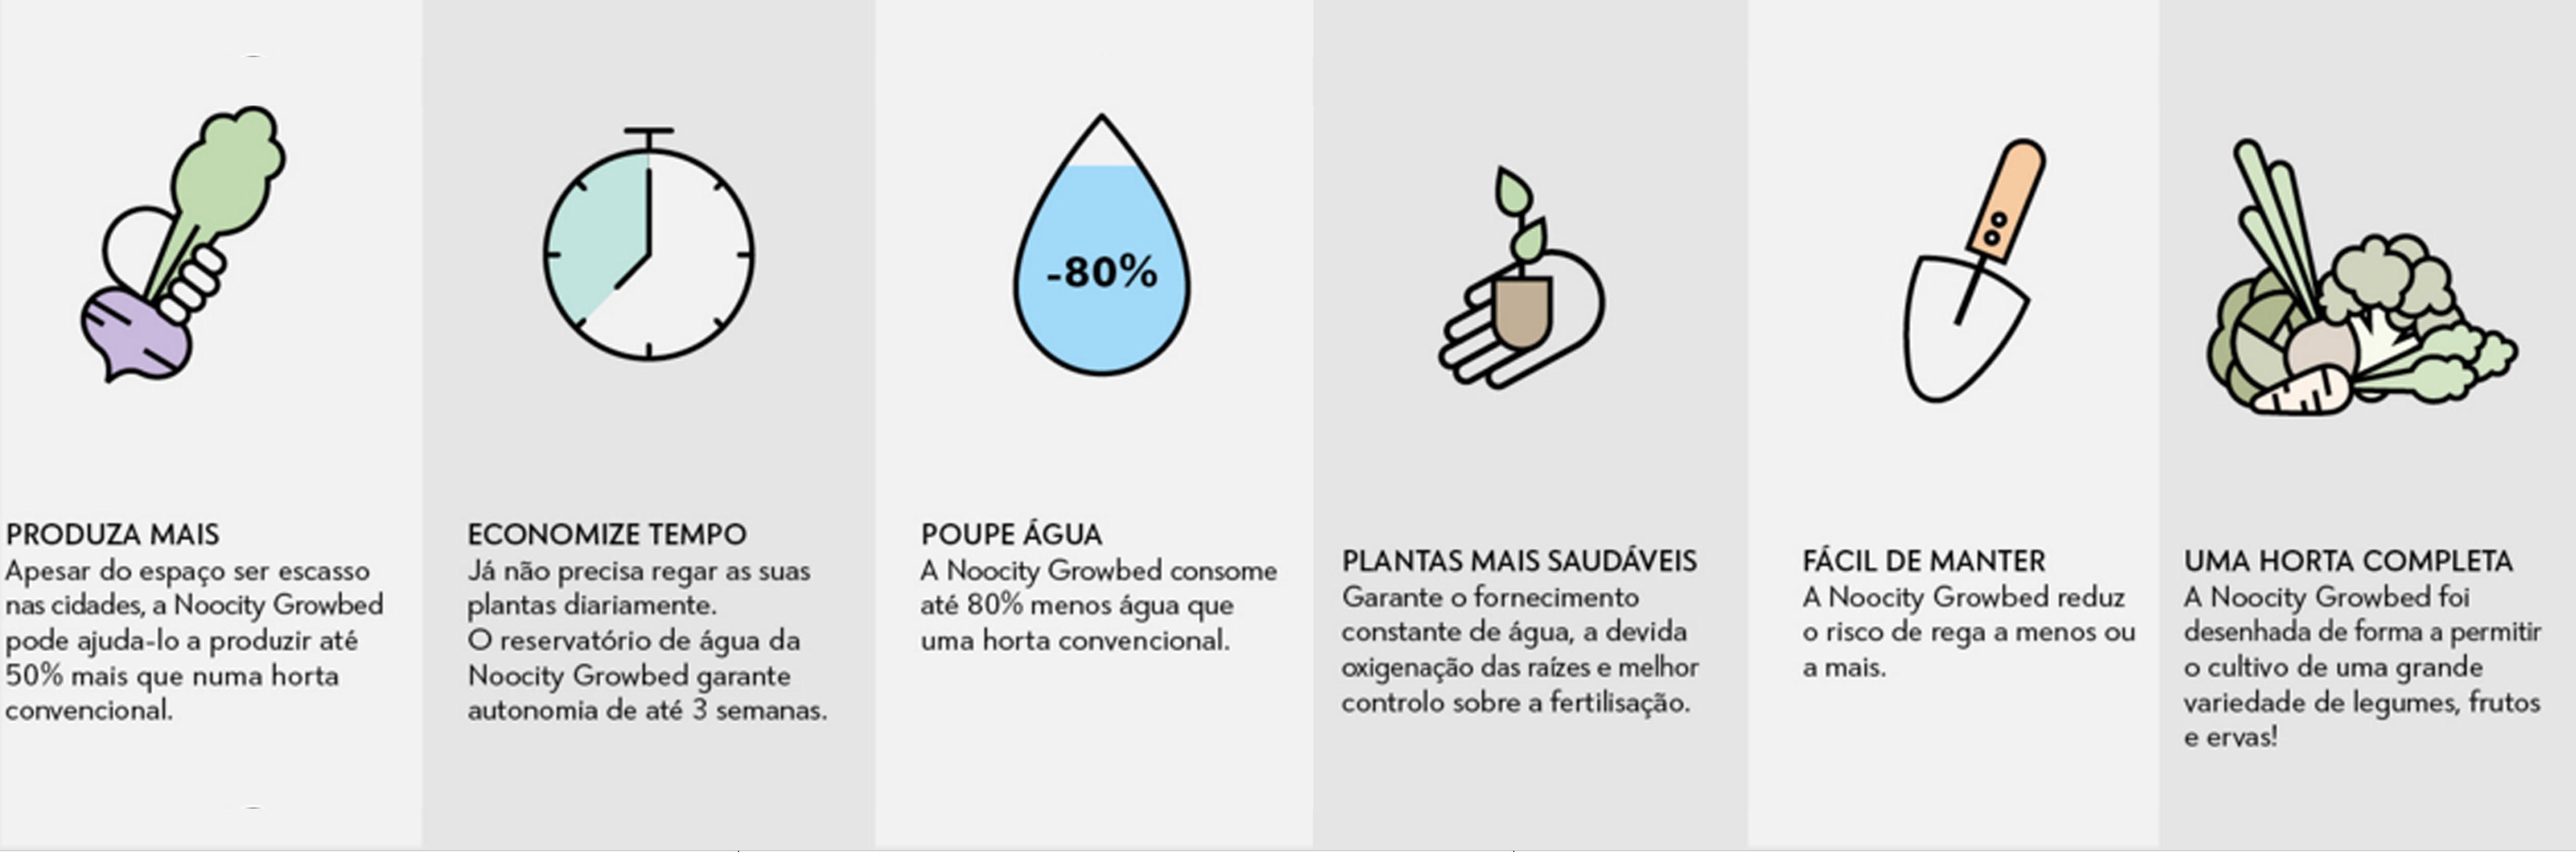 arquitetura-sustentavel-hortas-organicas